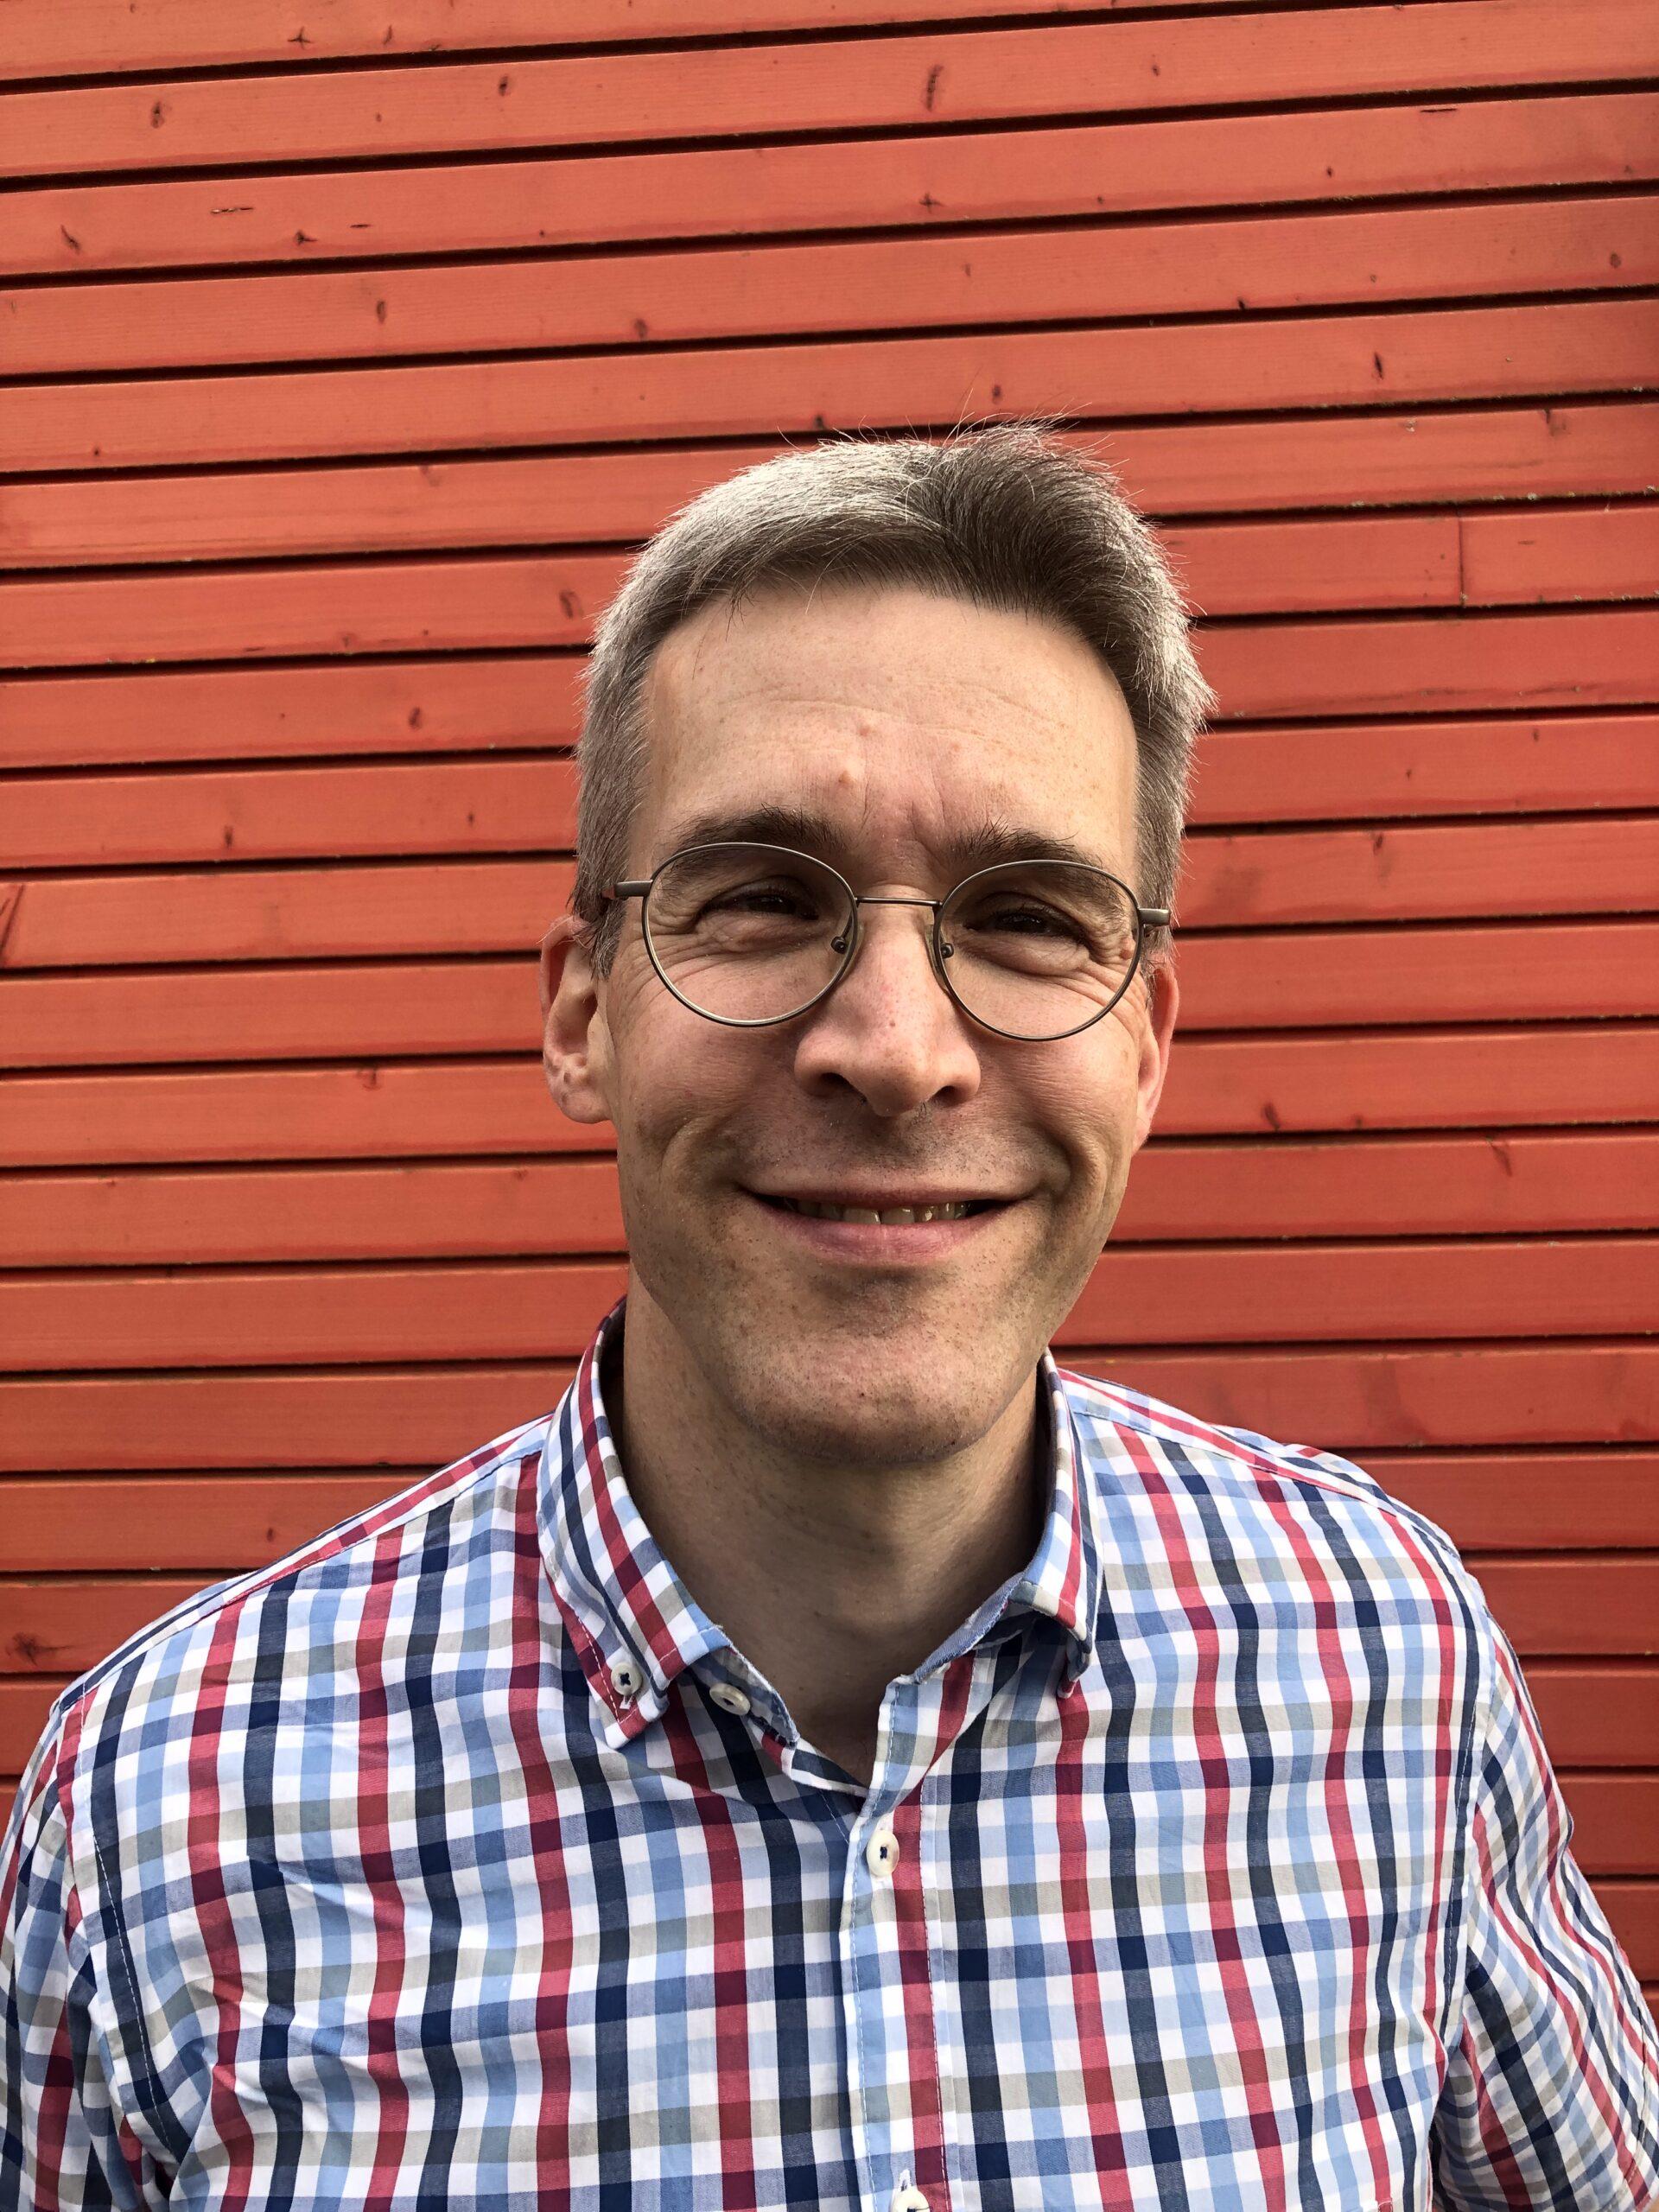 Stefan Bützberger